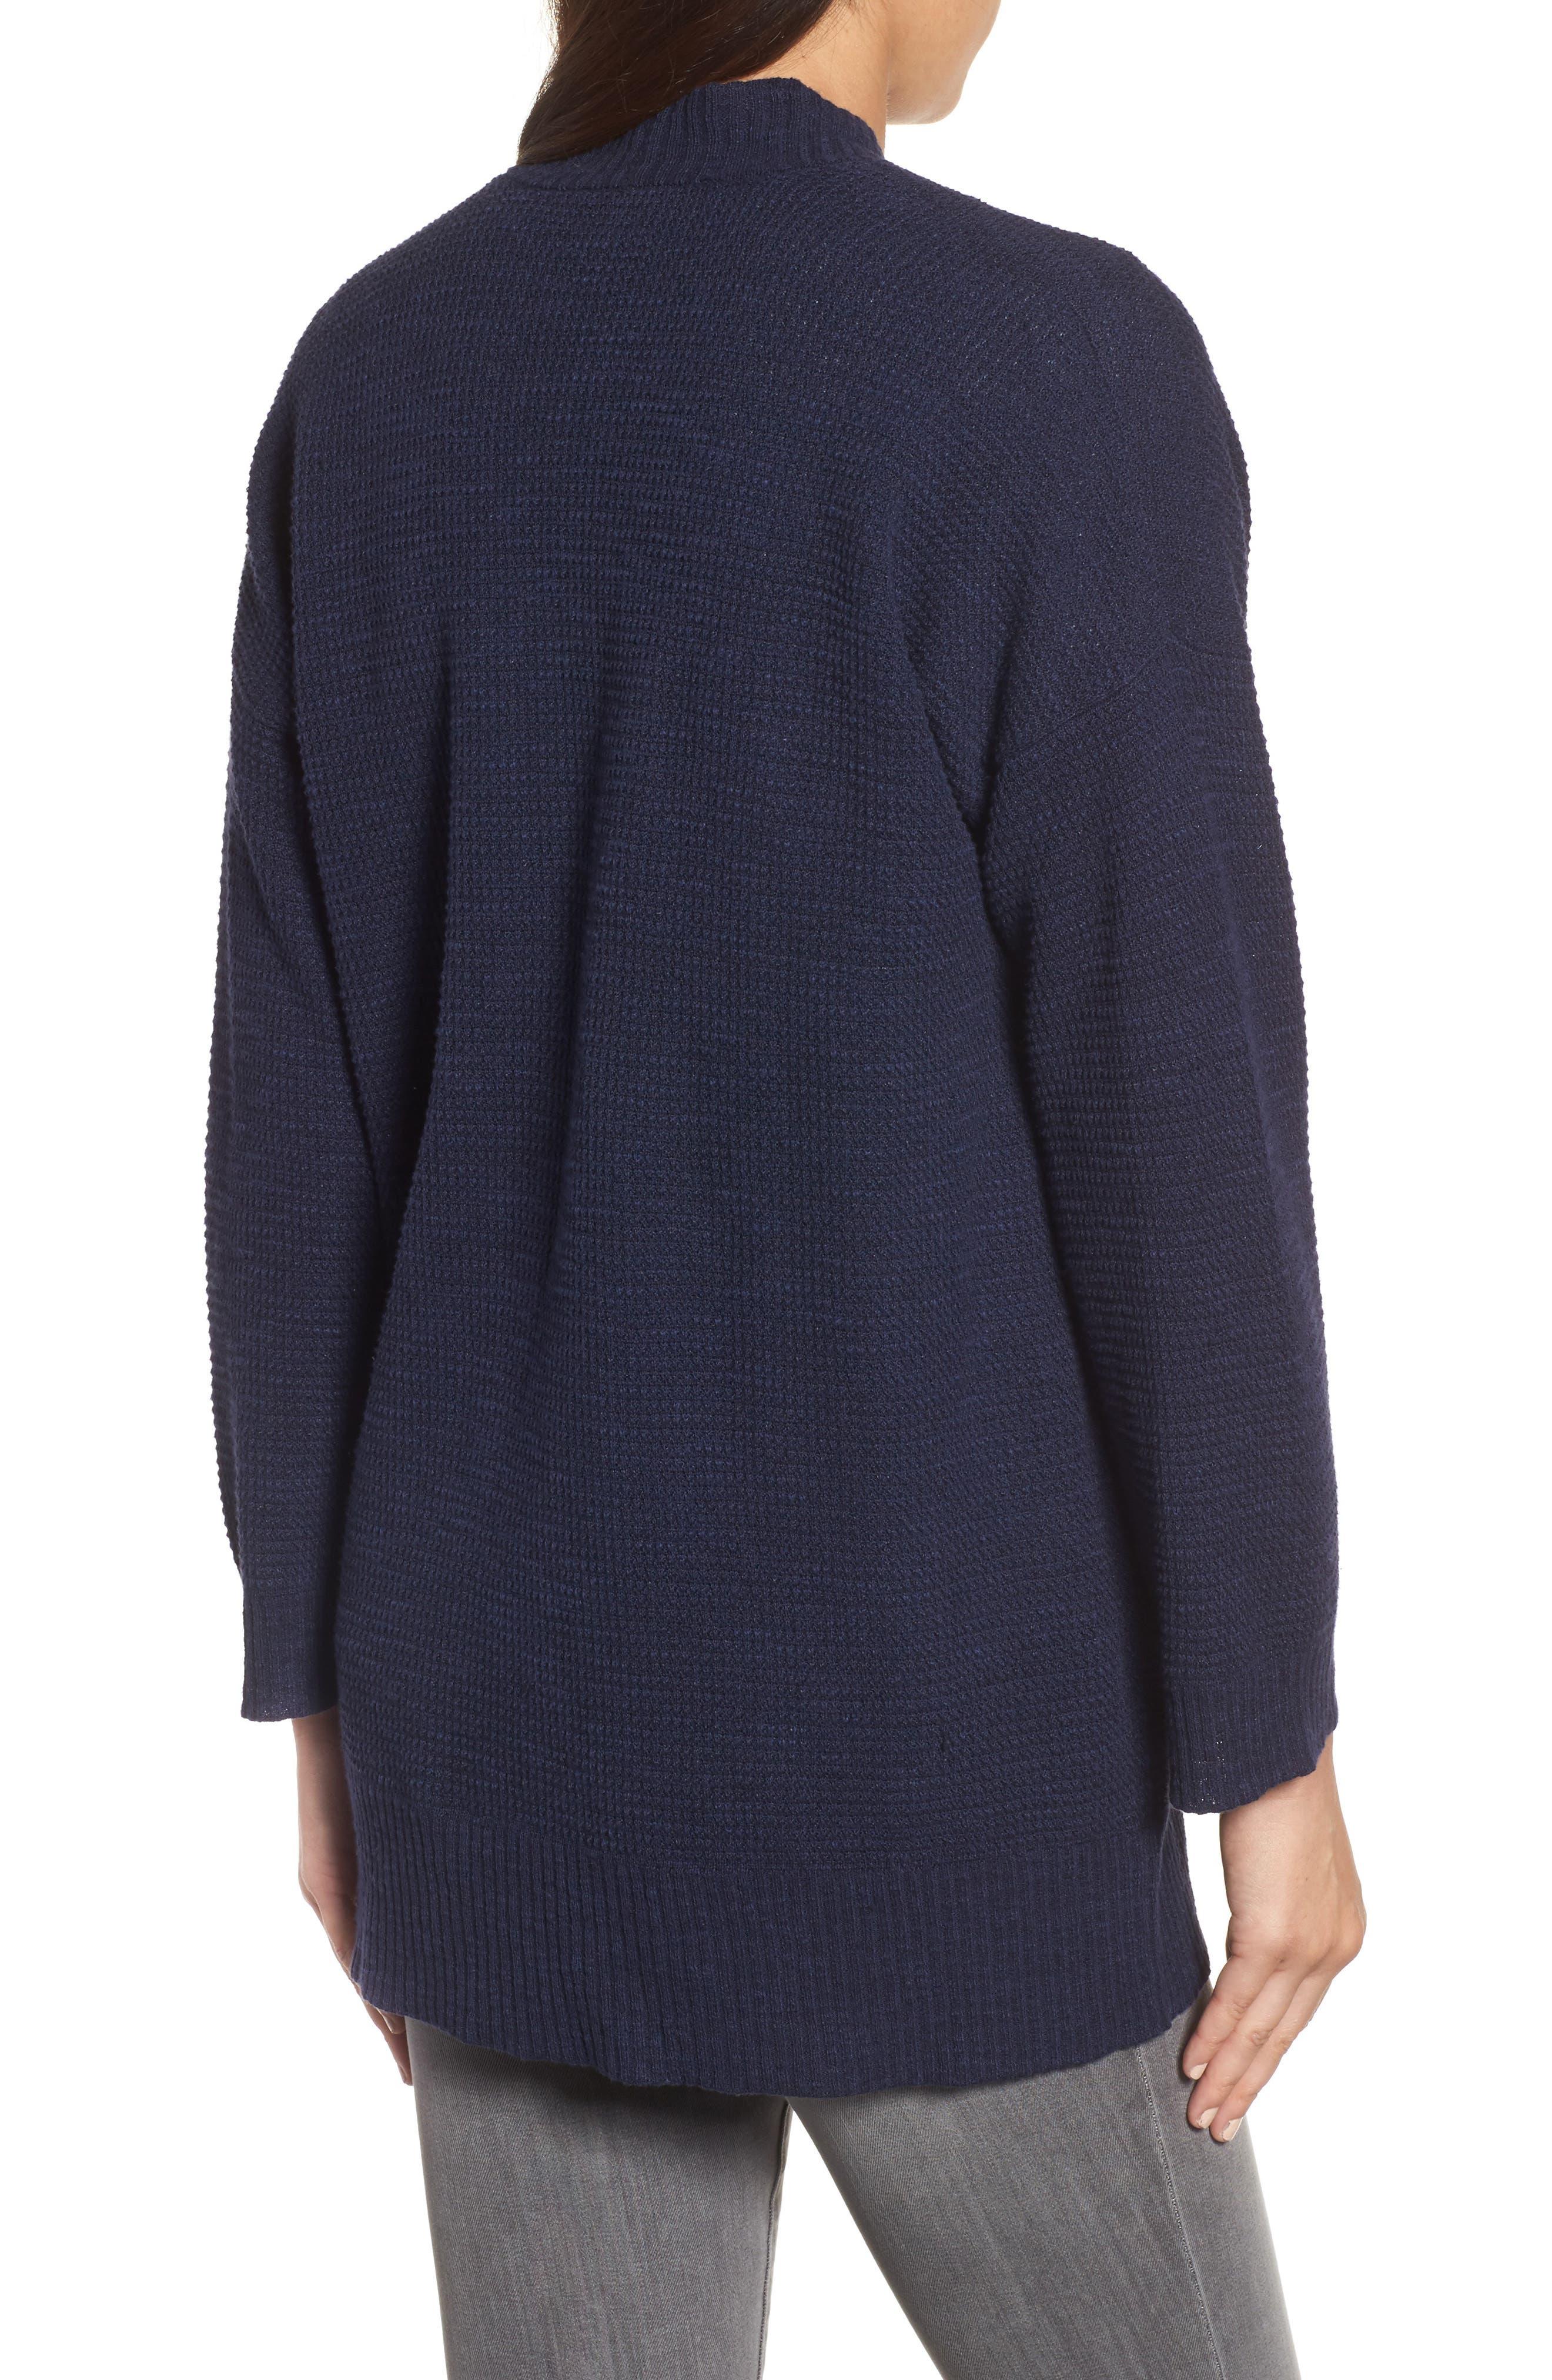 Alternate Image 2  - Eileen Fisher Oragnic Linen & Cotton Cardigan